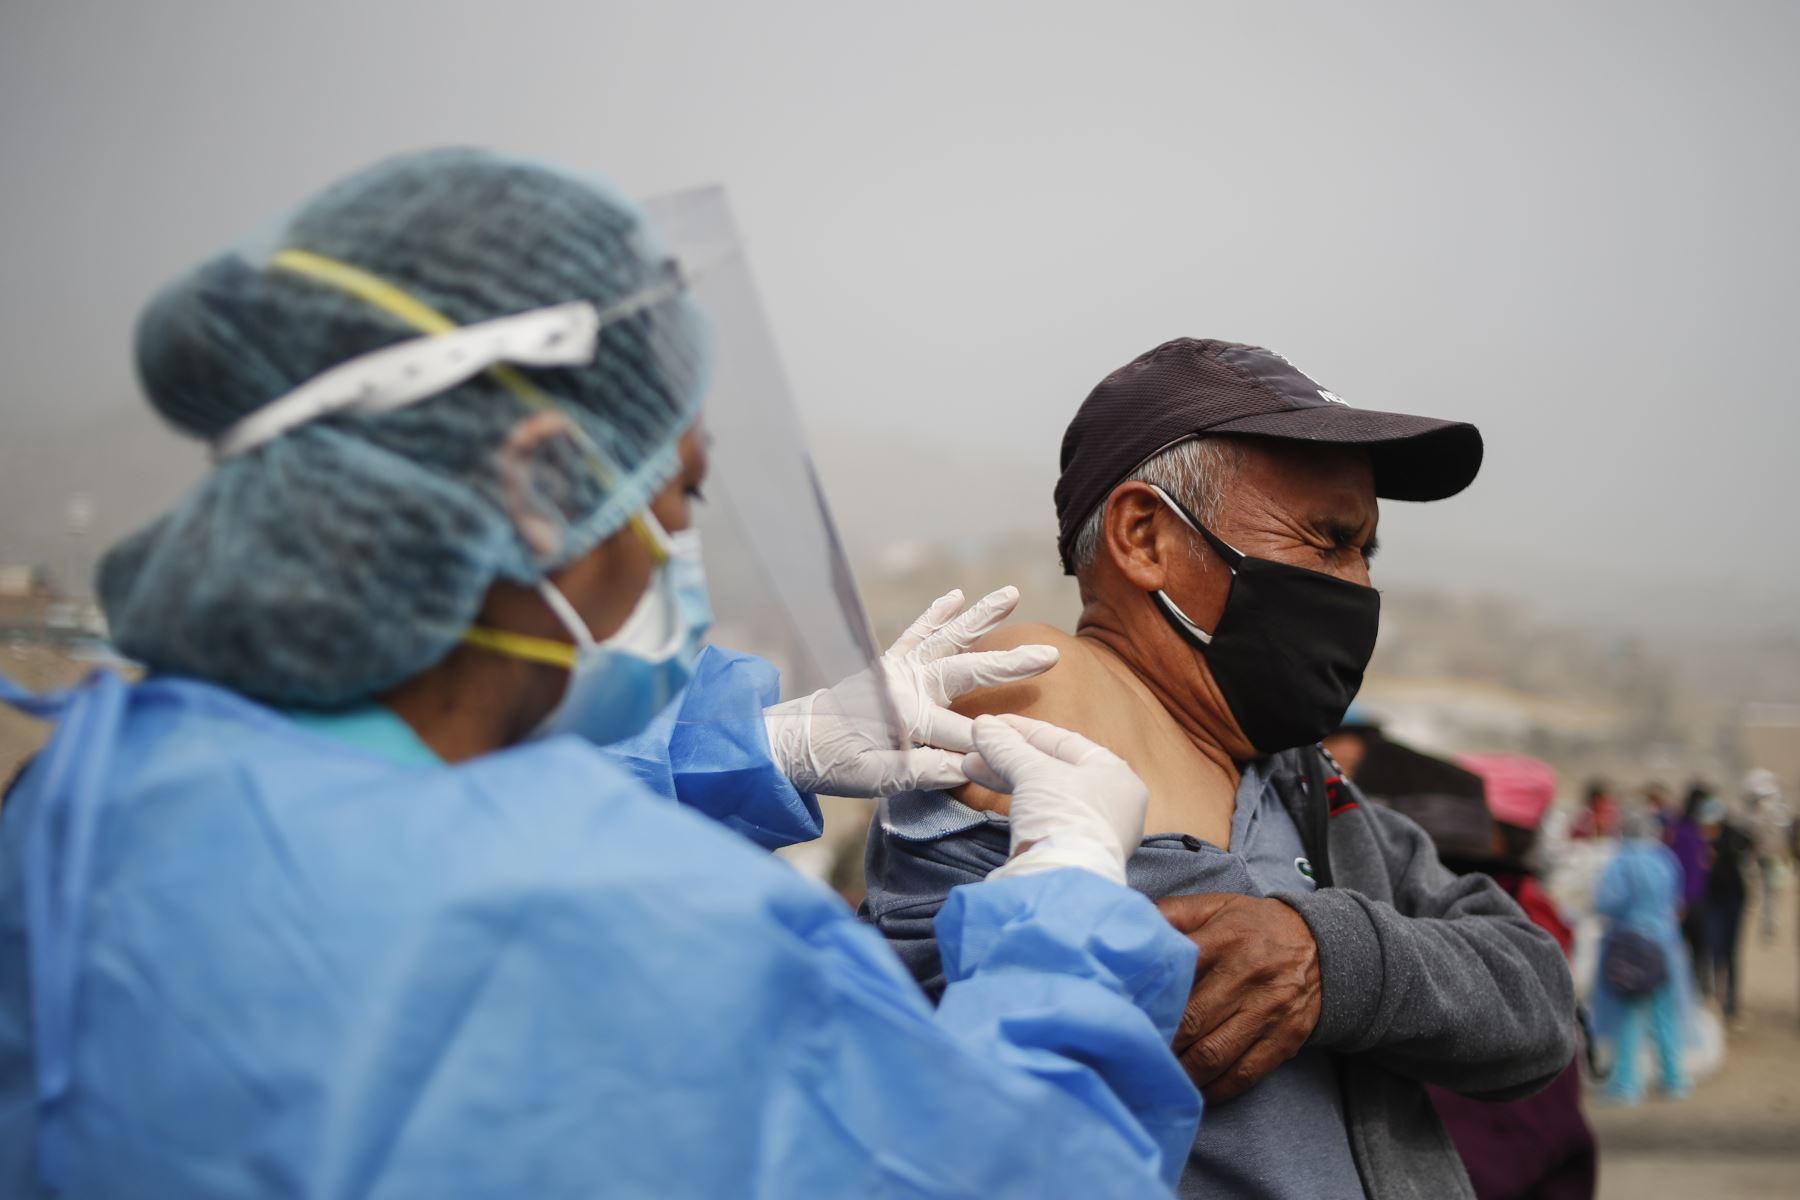 Brigadas de vacunación llegaron a la zona de Filadelfia, en Manchay, para atender a los más vulnerables. Foto: ANDINA/Renato Pajuelo